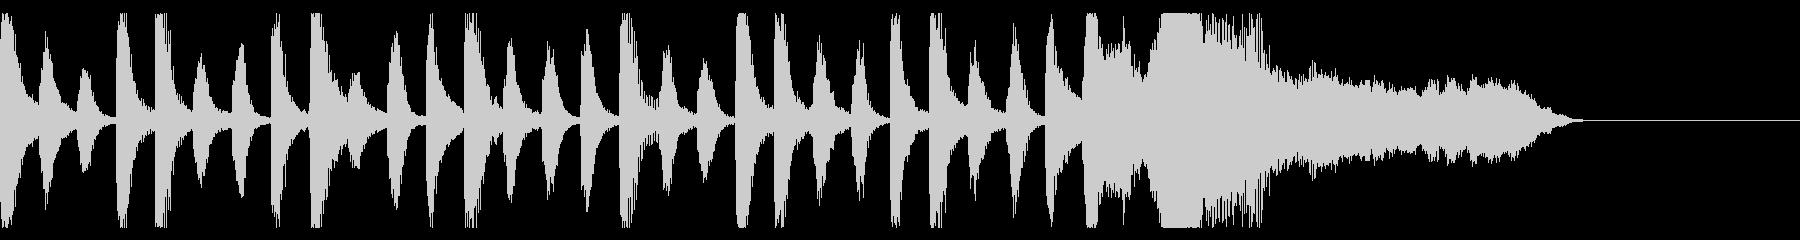 ピアノとバイオリンの愛らしいジングルの未再生の波形